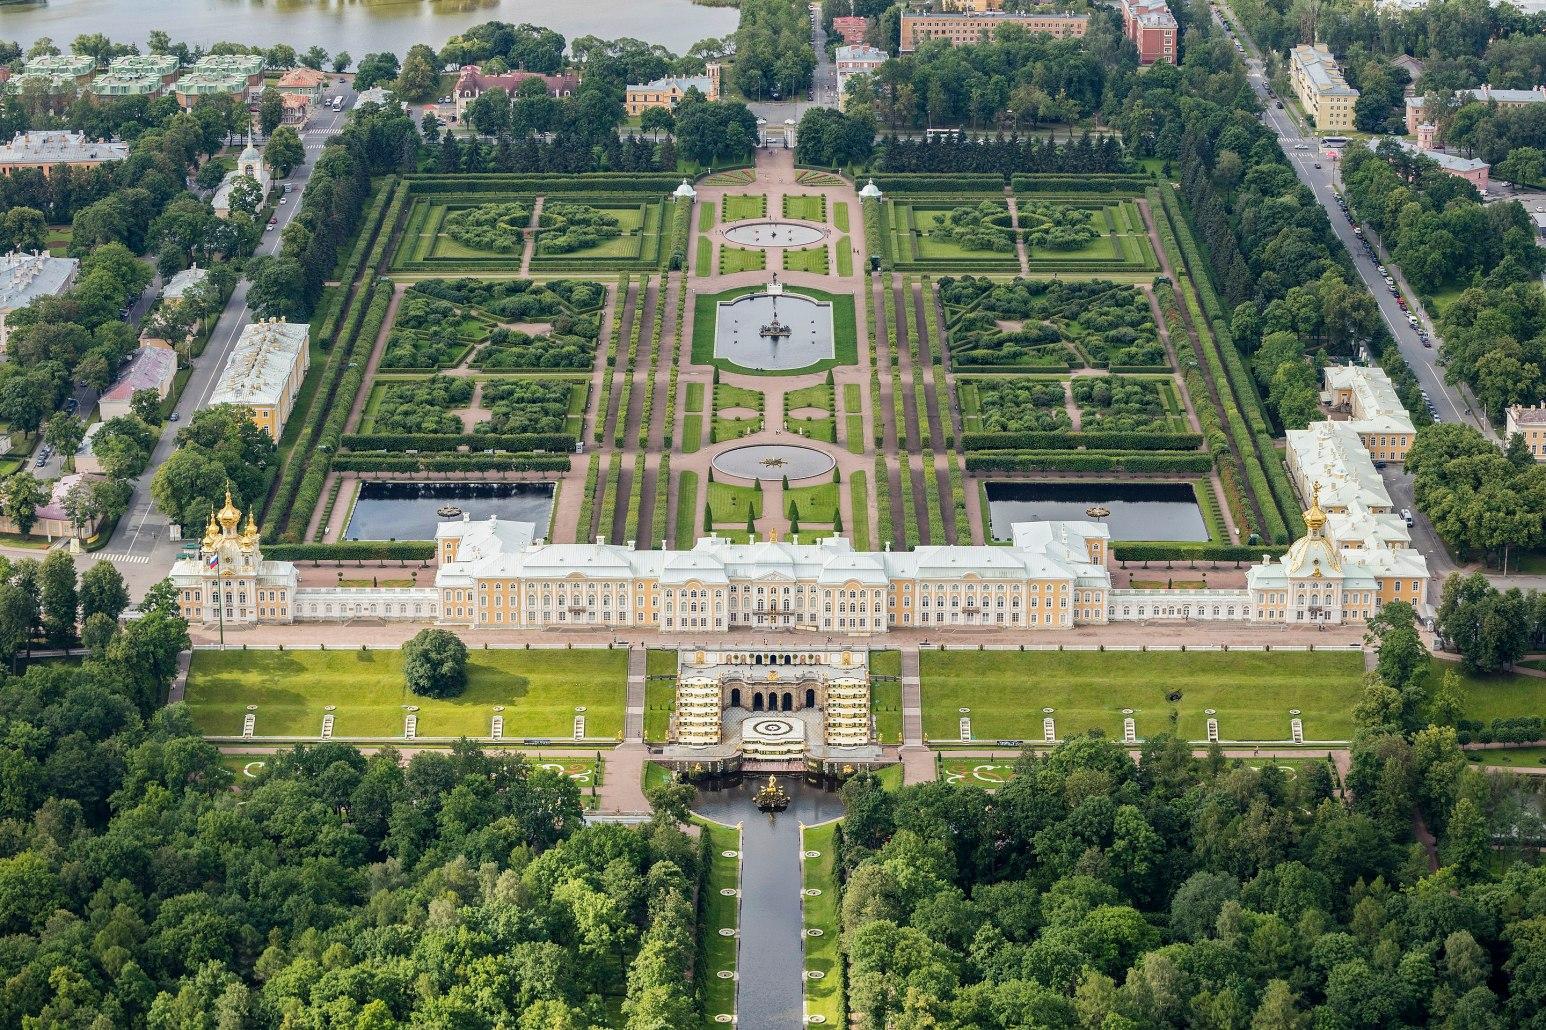 Aerial photo of Peterhof Palace in Saint Petersburg Russia